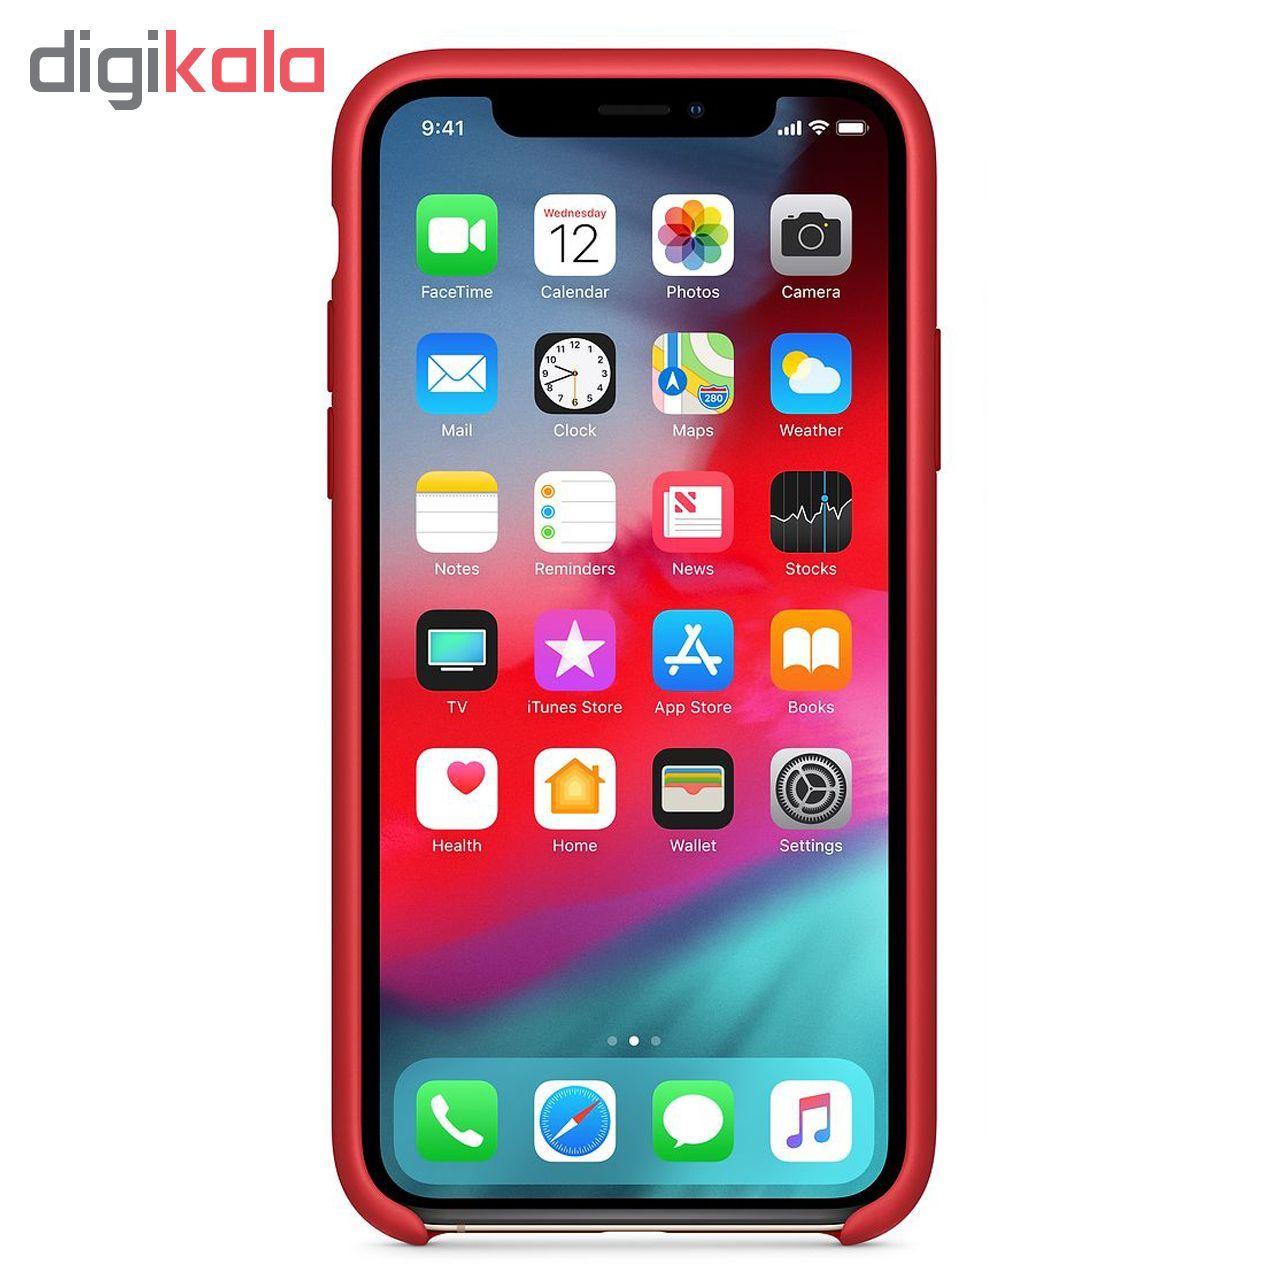 کاور مدل sili003 مناسب برای گوشی موبایل اپل Iphone X / XS main 1 2